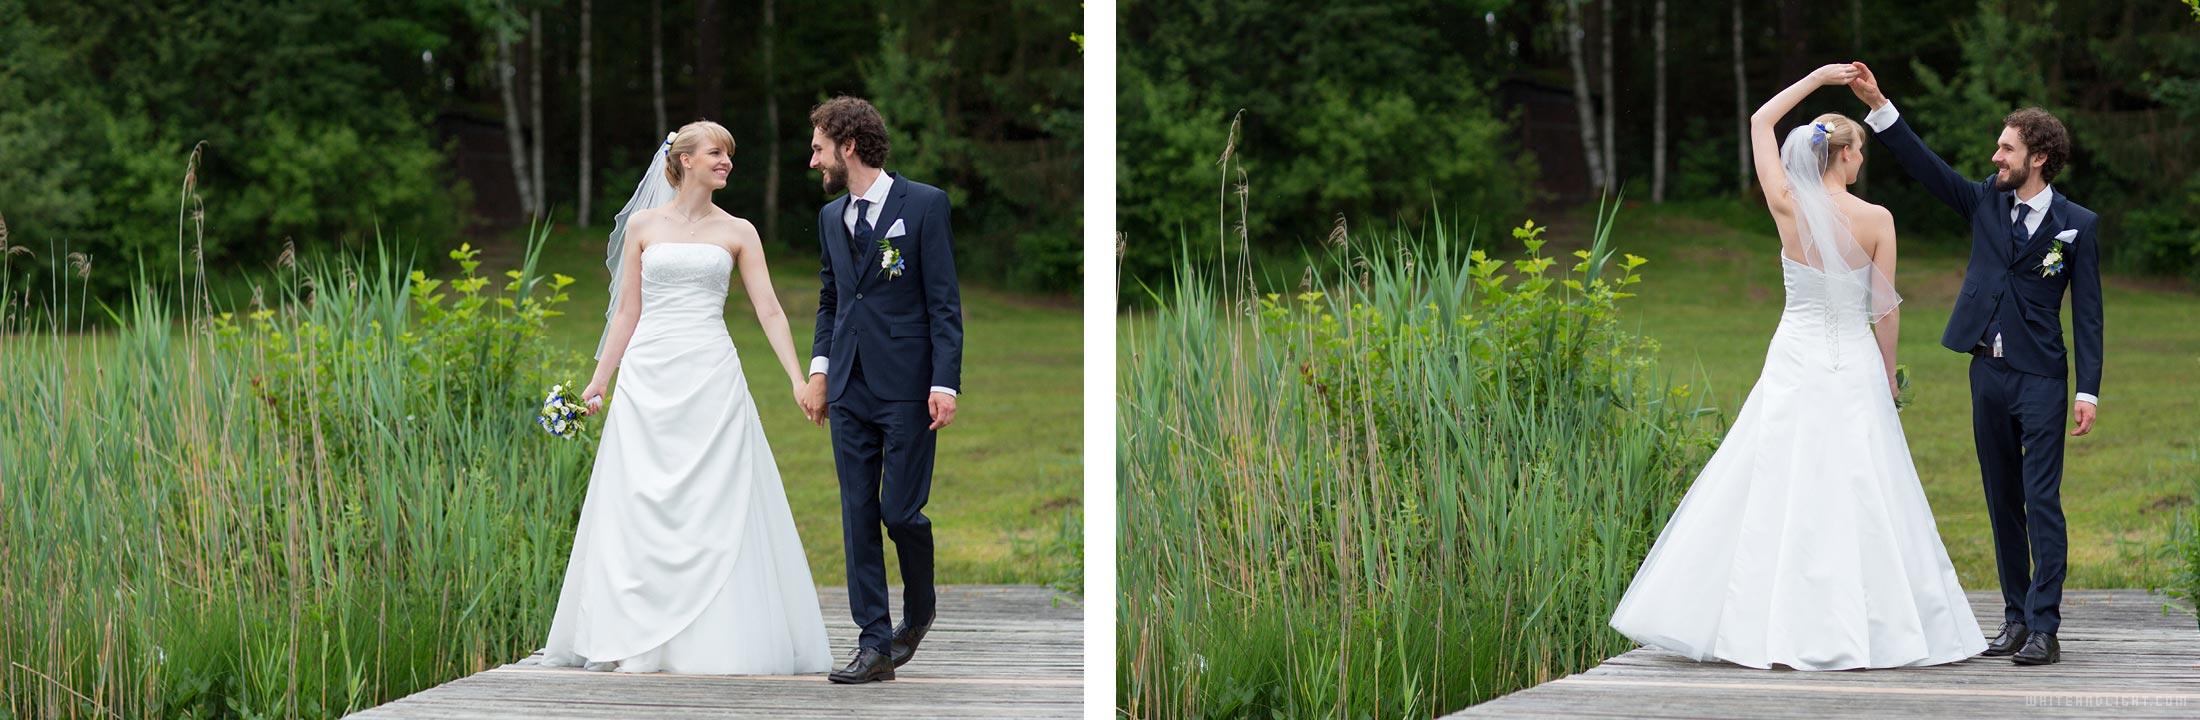 свадебный фотограф бавария цены